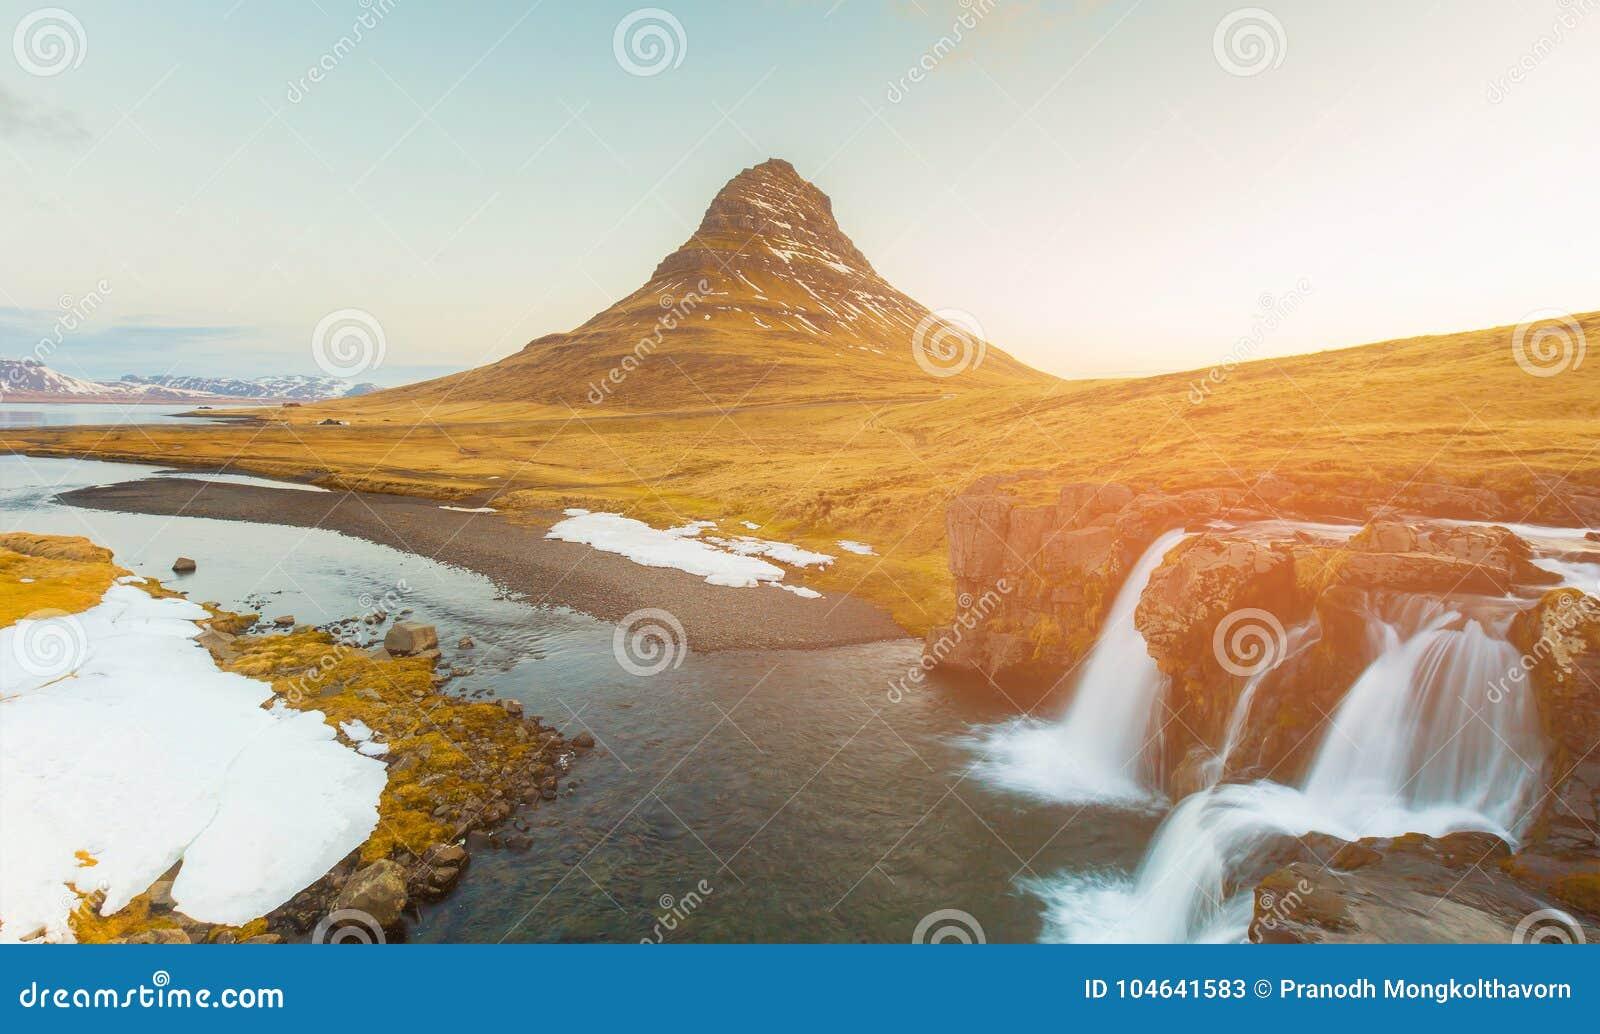 Download Ijslandse Vulkaan Met Stroomwaterval Stock Afbeelding - Afbeelding bestaande uit helder, panorama: 104641583